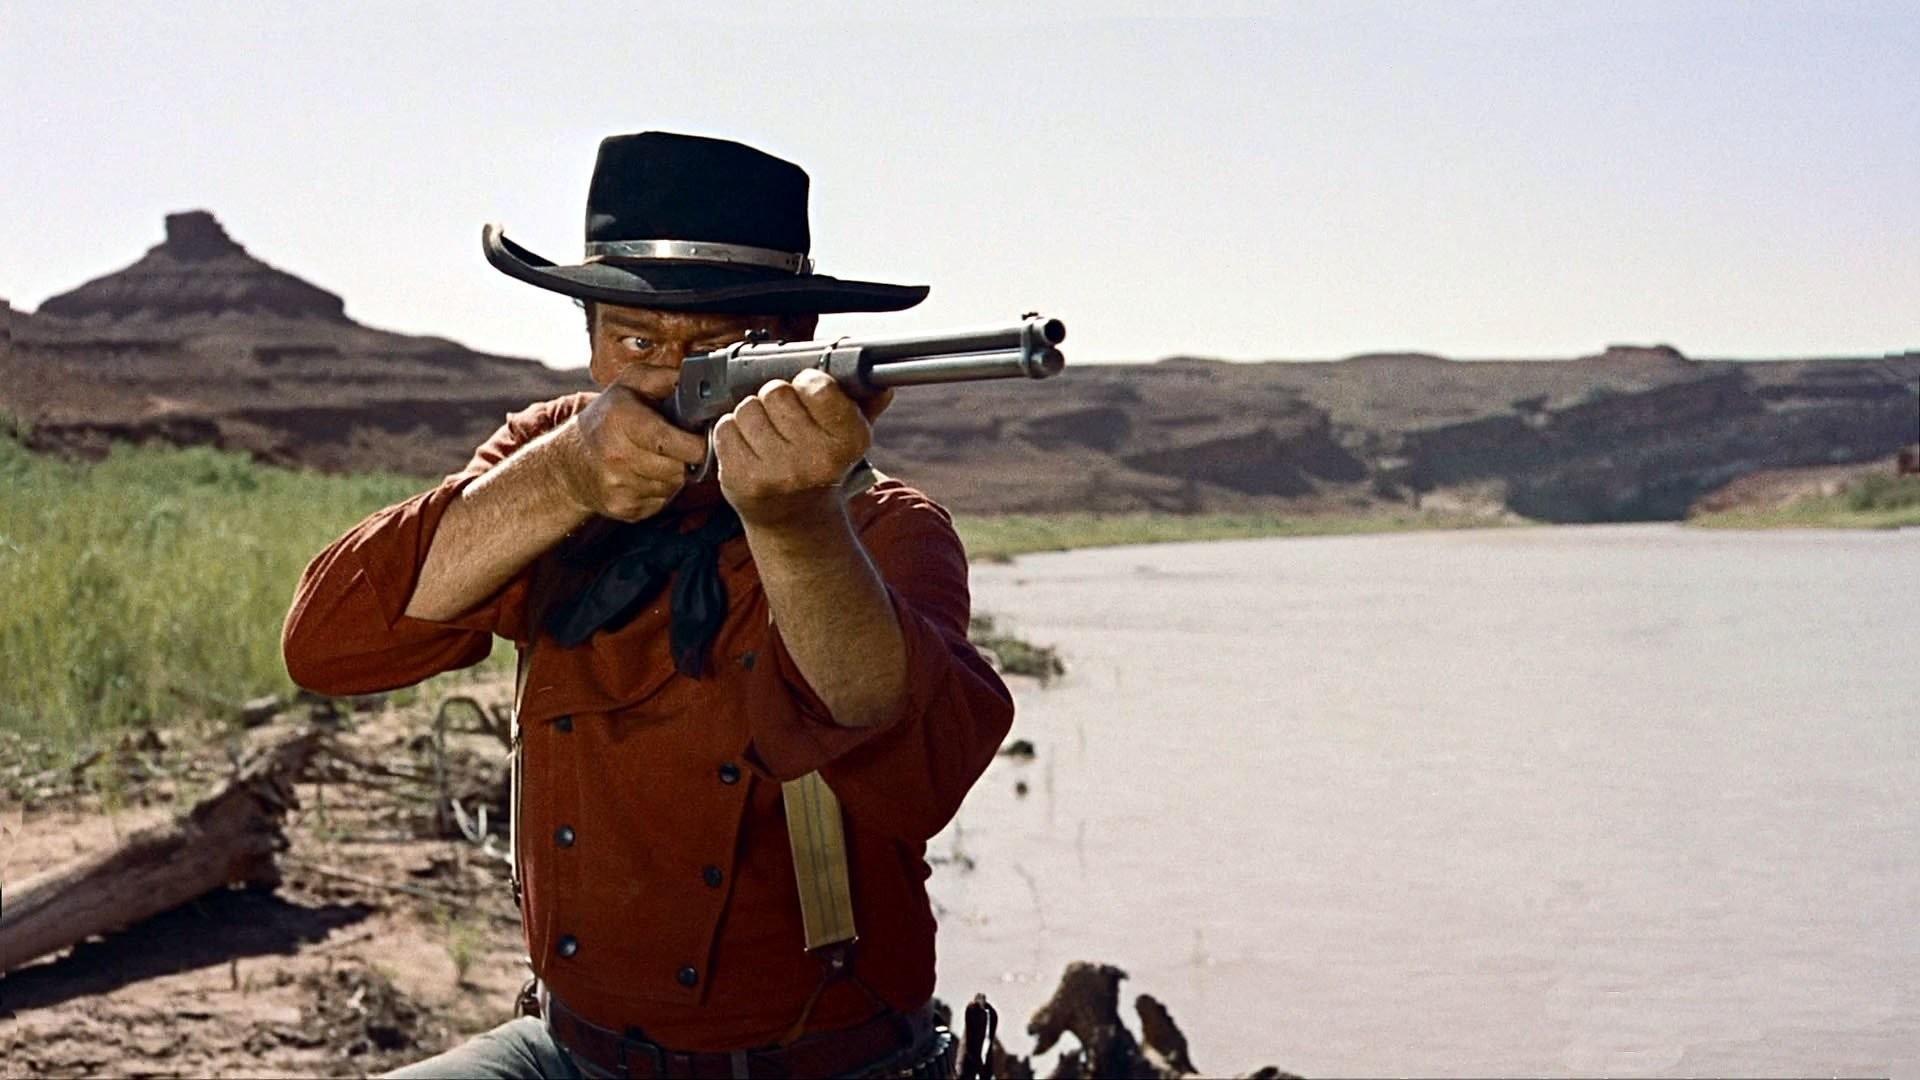 Res: 1920x1080, Filme - The Searchers Western Filme John Wayne Wallpaper